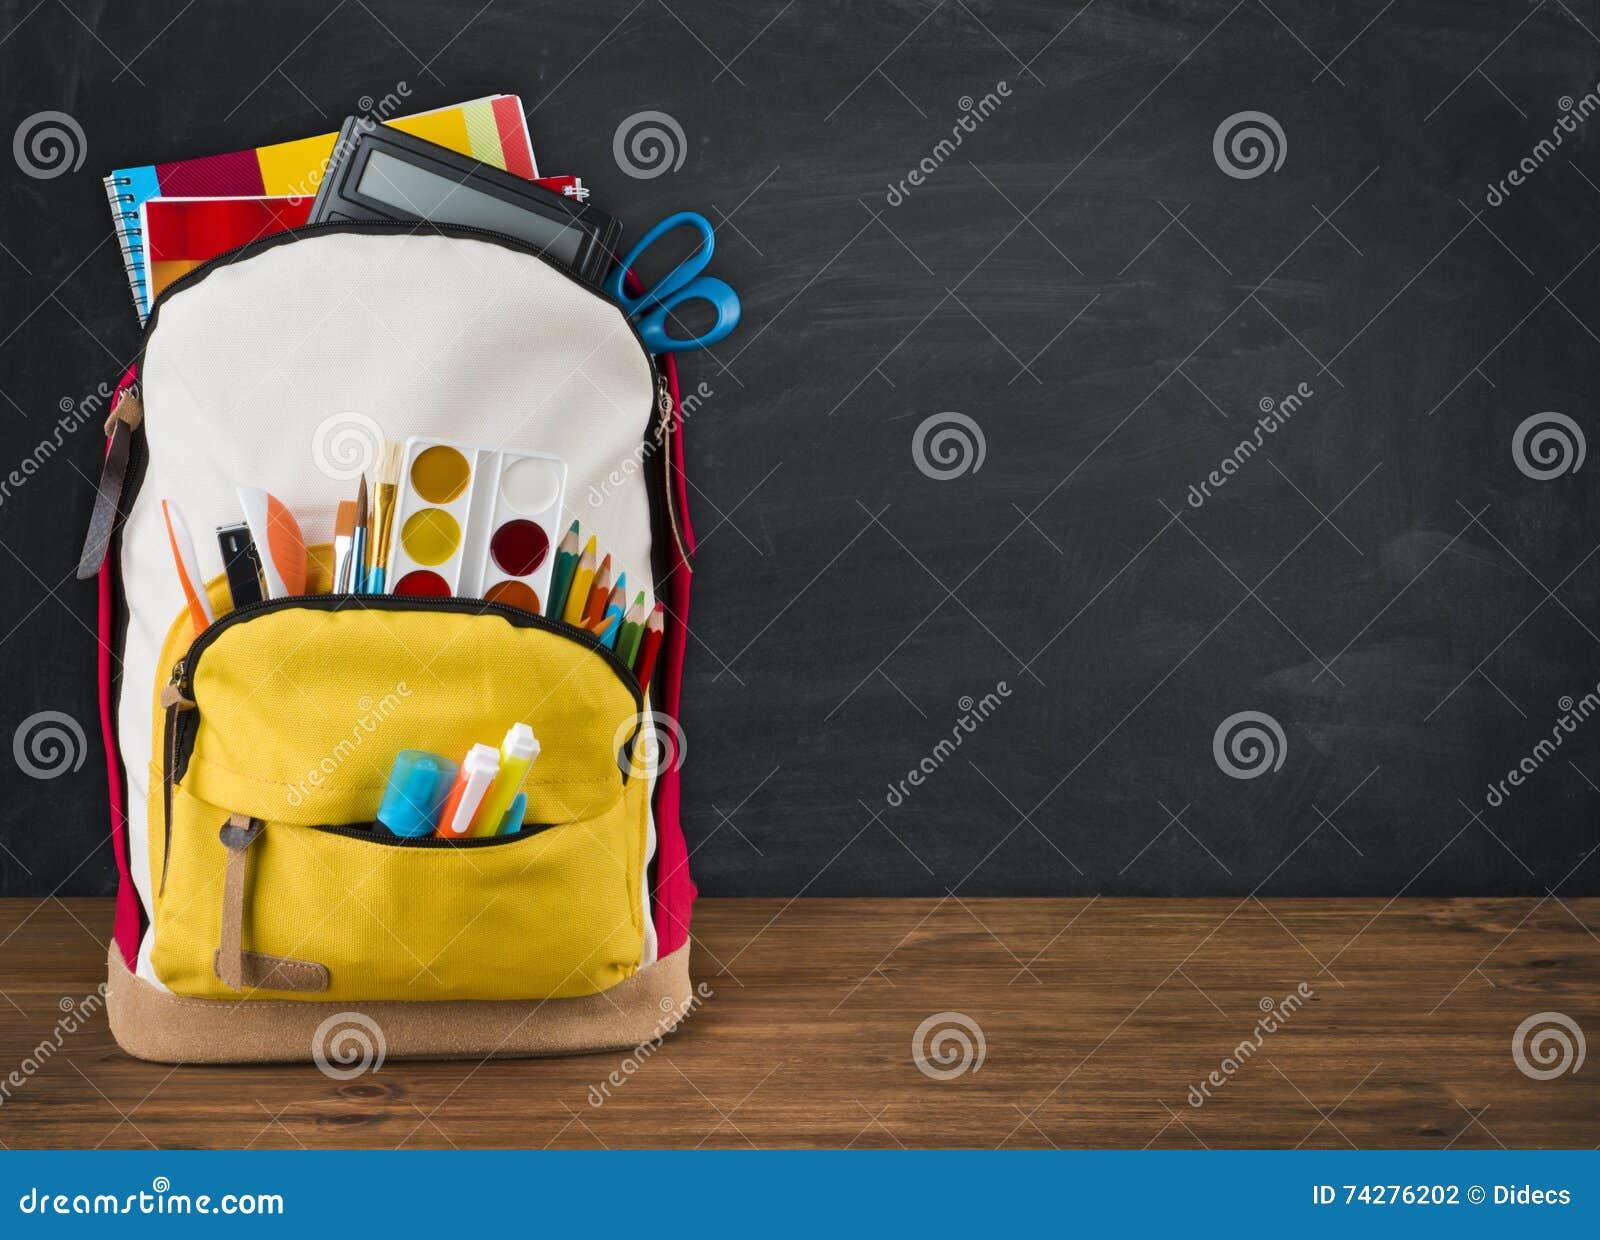 Backpack completamente das fontes de escola sobre o fundo preto da administração da escola